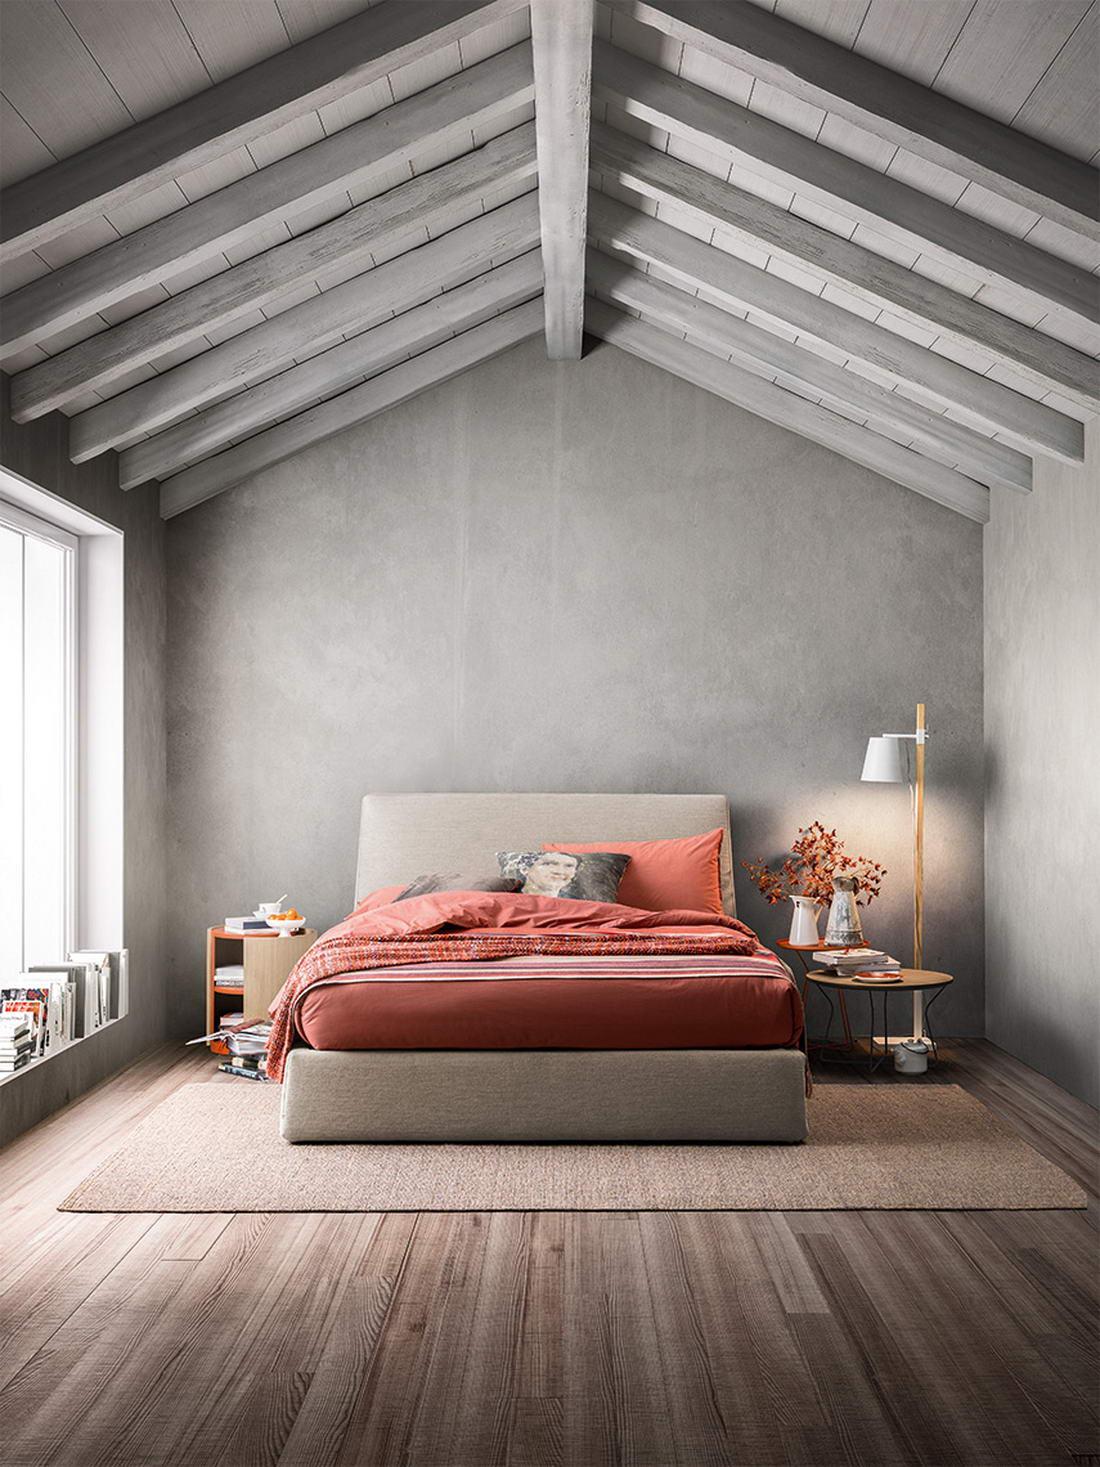 Muebles Dormitorio Modernos En Zaragoza R Stica Ambientes # Muebles Dormitorio Moderno